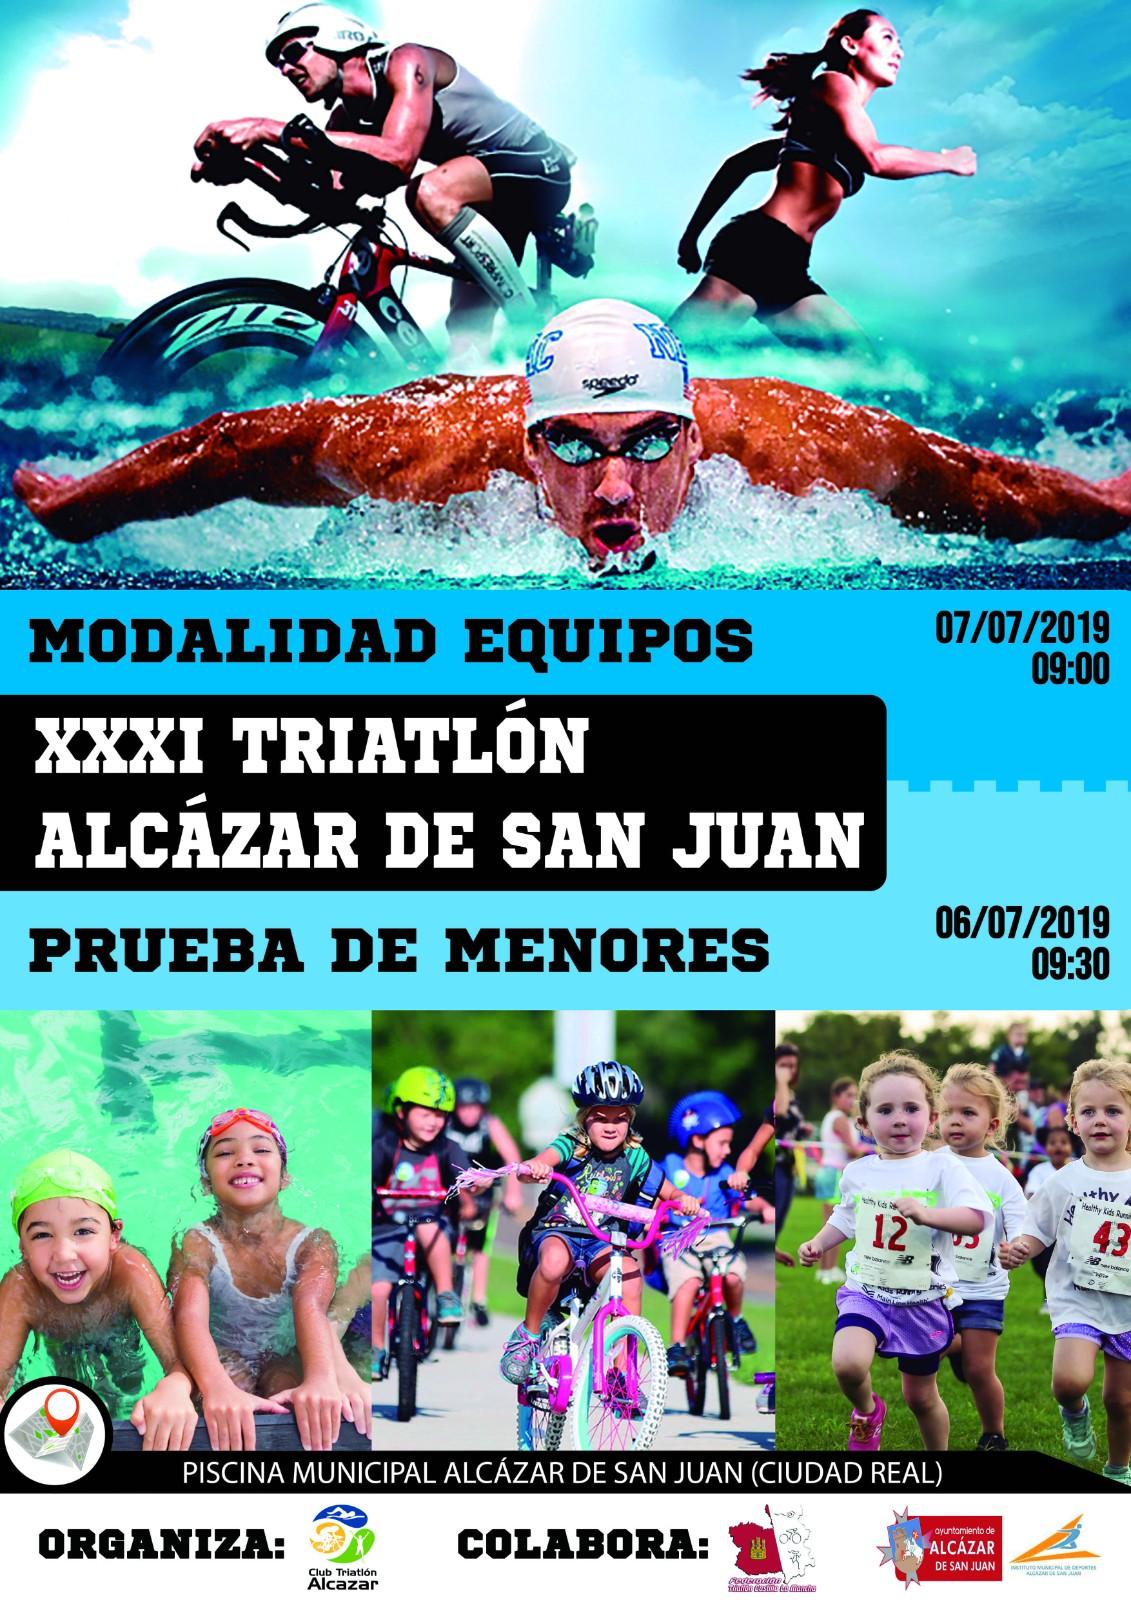 Suspendido el Triatlón por Equipos de Alcázar de San Juan